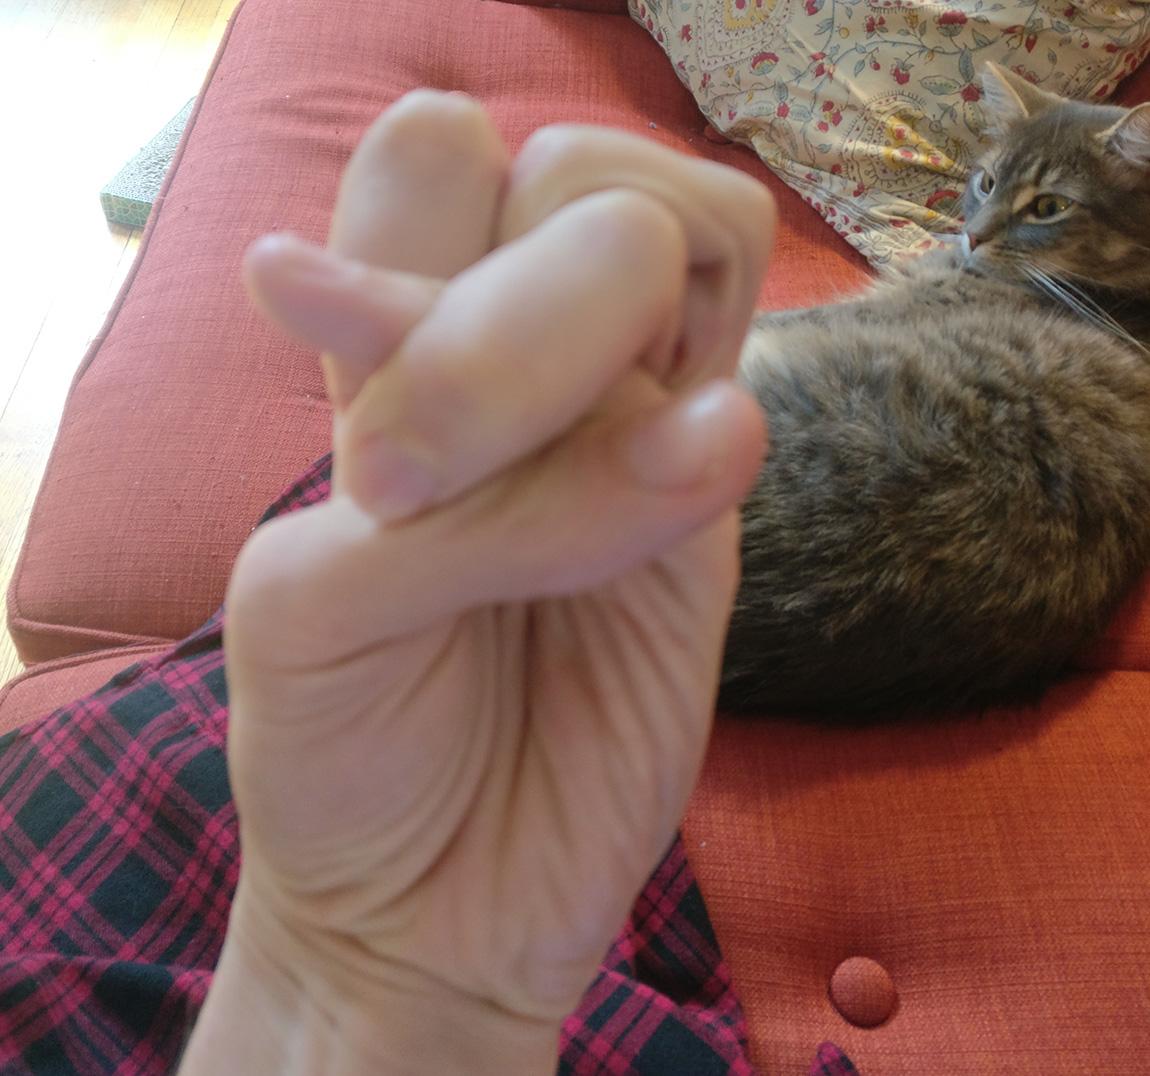 Κάνε κόμπο τα δάχτυλά σου: Η διαδικτυακή πρόκληση που έγινε viral (εικόνες)